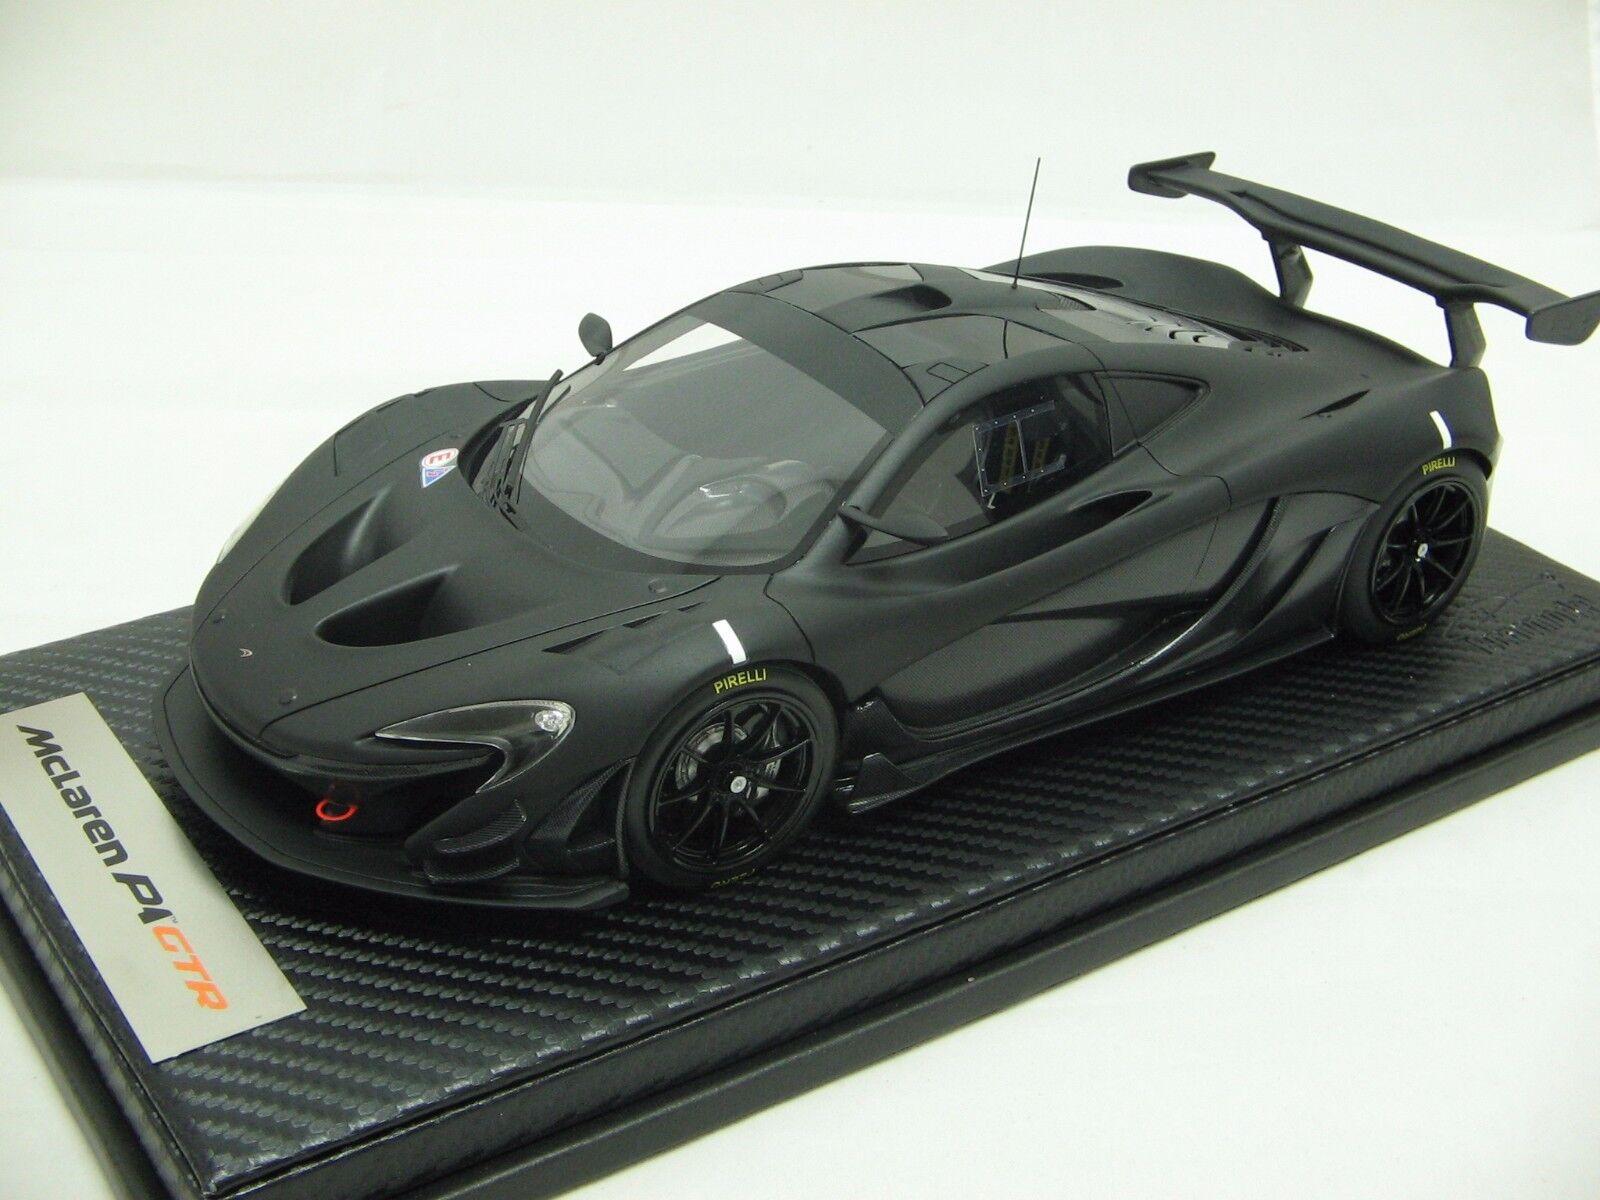 1 18 scale Tecnomodel McLaren P1 GTR Carbon nero Track Test 2015 - T18-EX03C